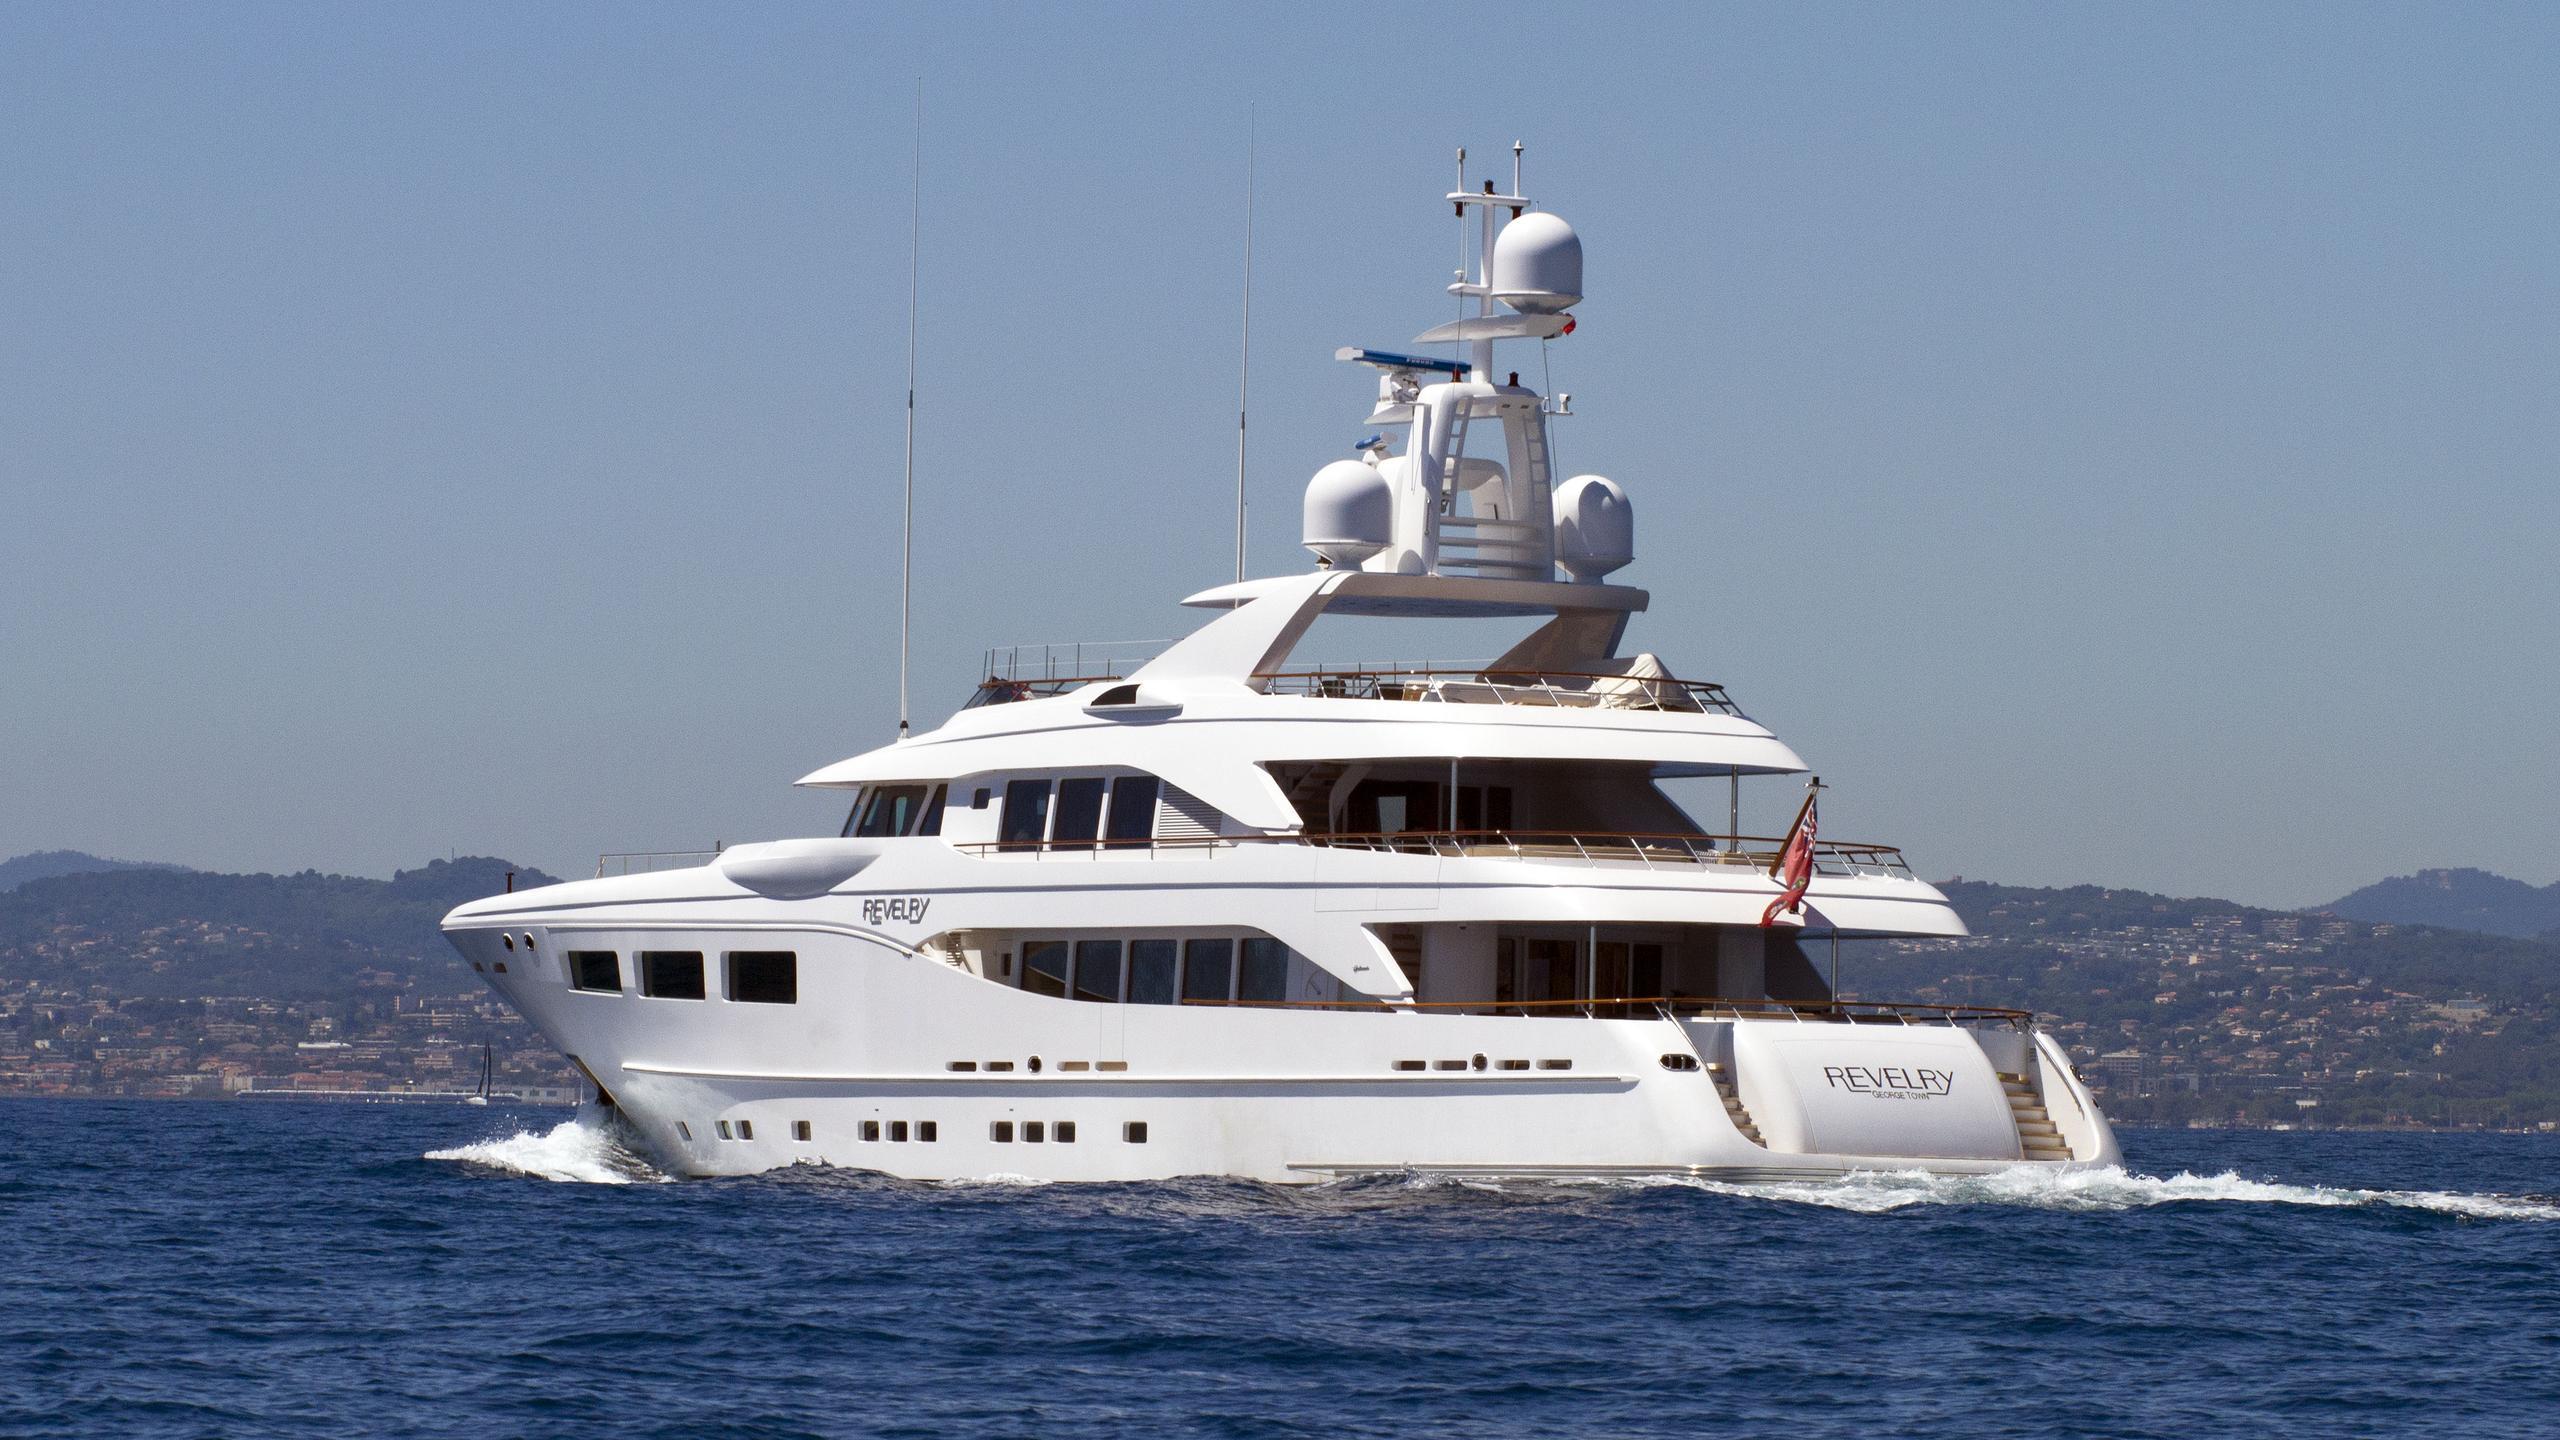 revelry-motor-yacht-hakvoort-2010-39m-running-stern